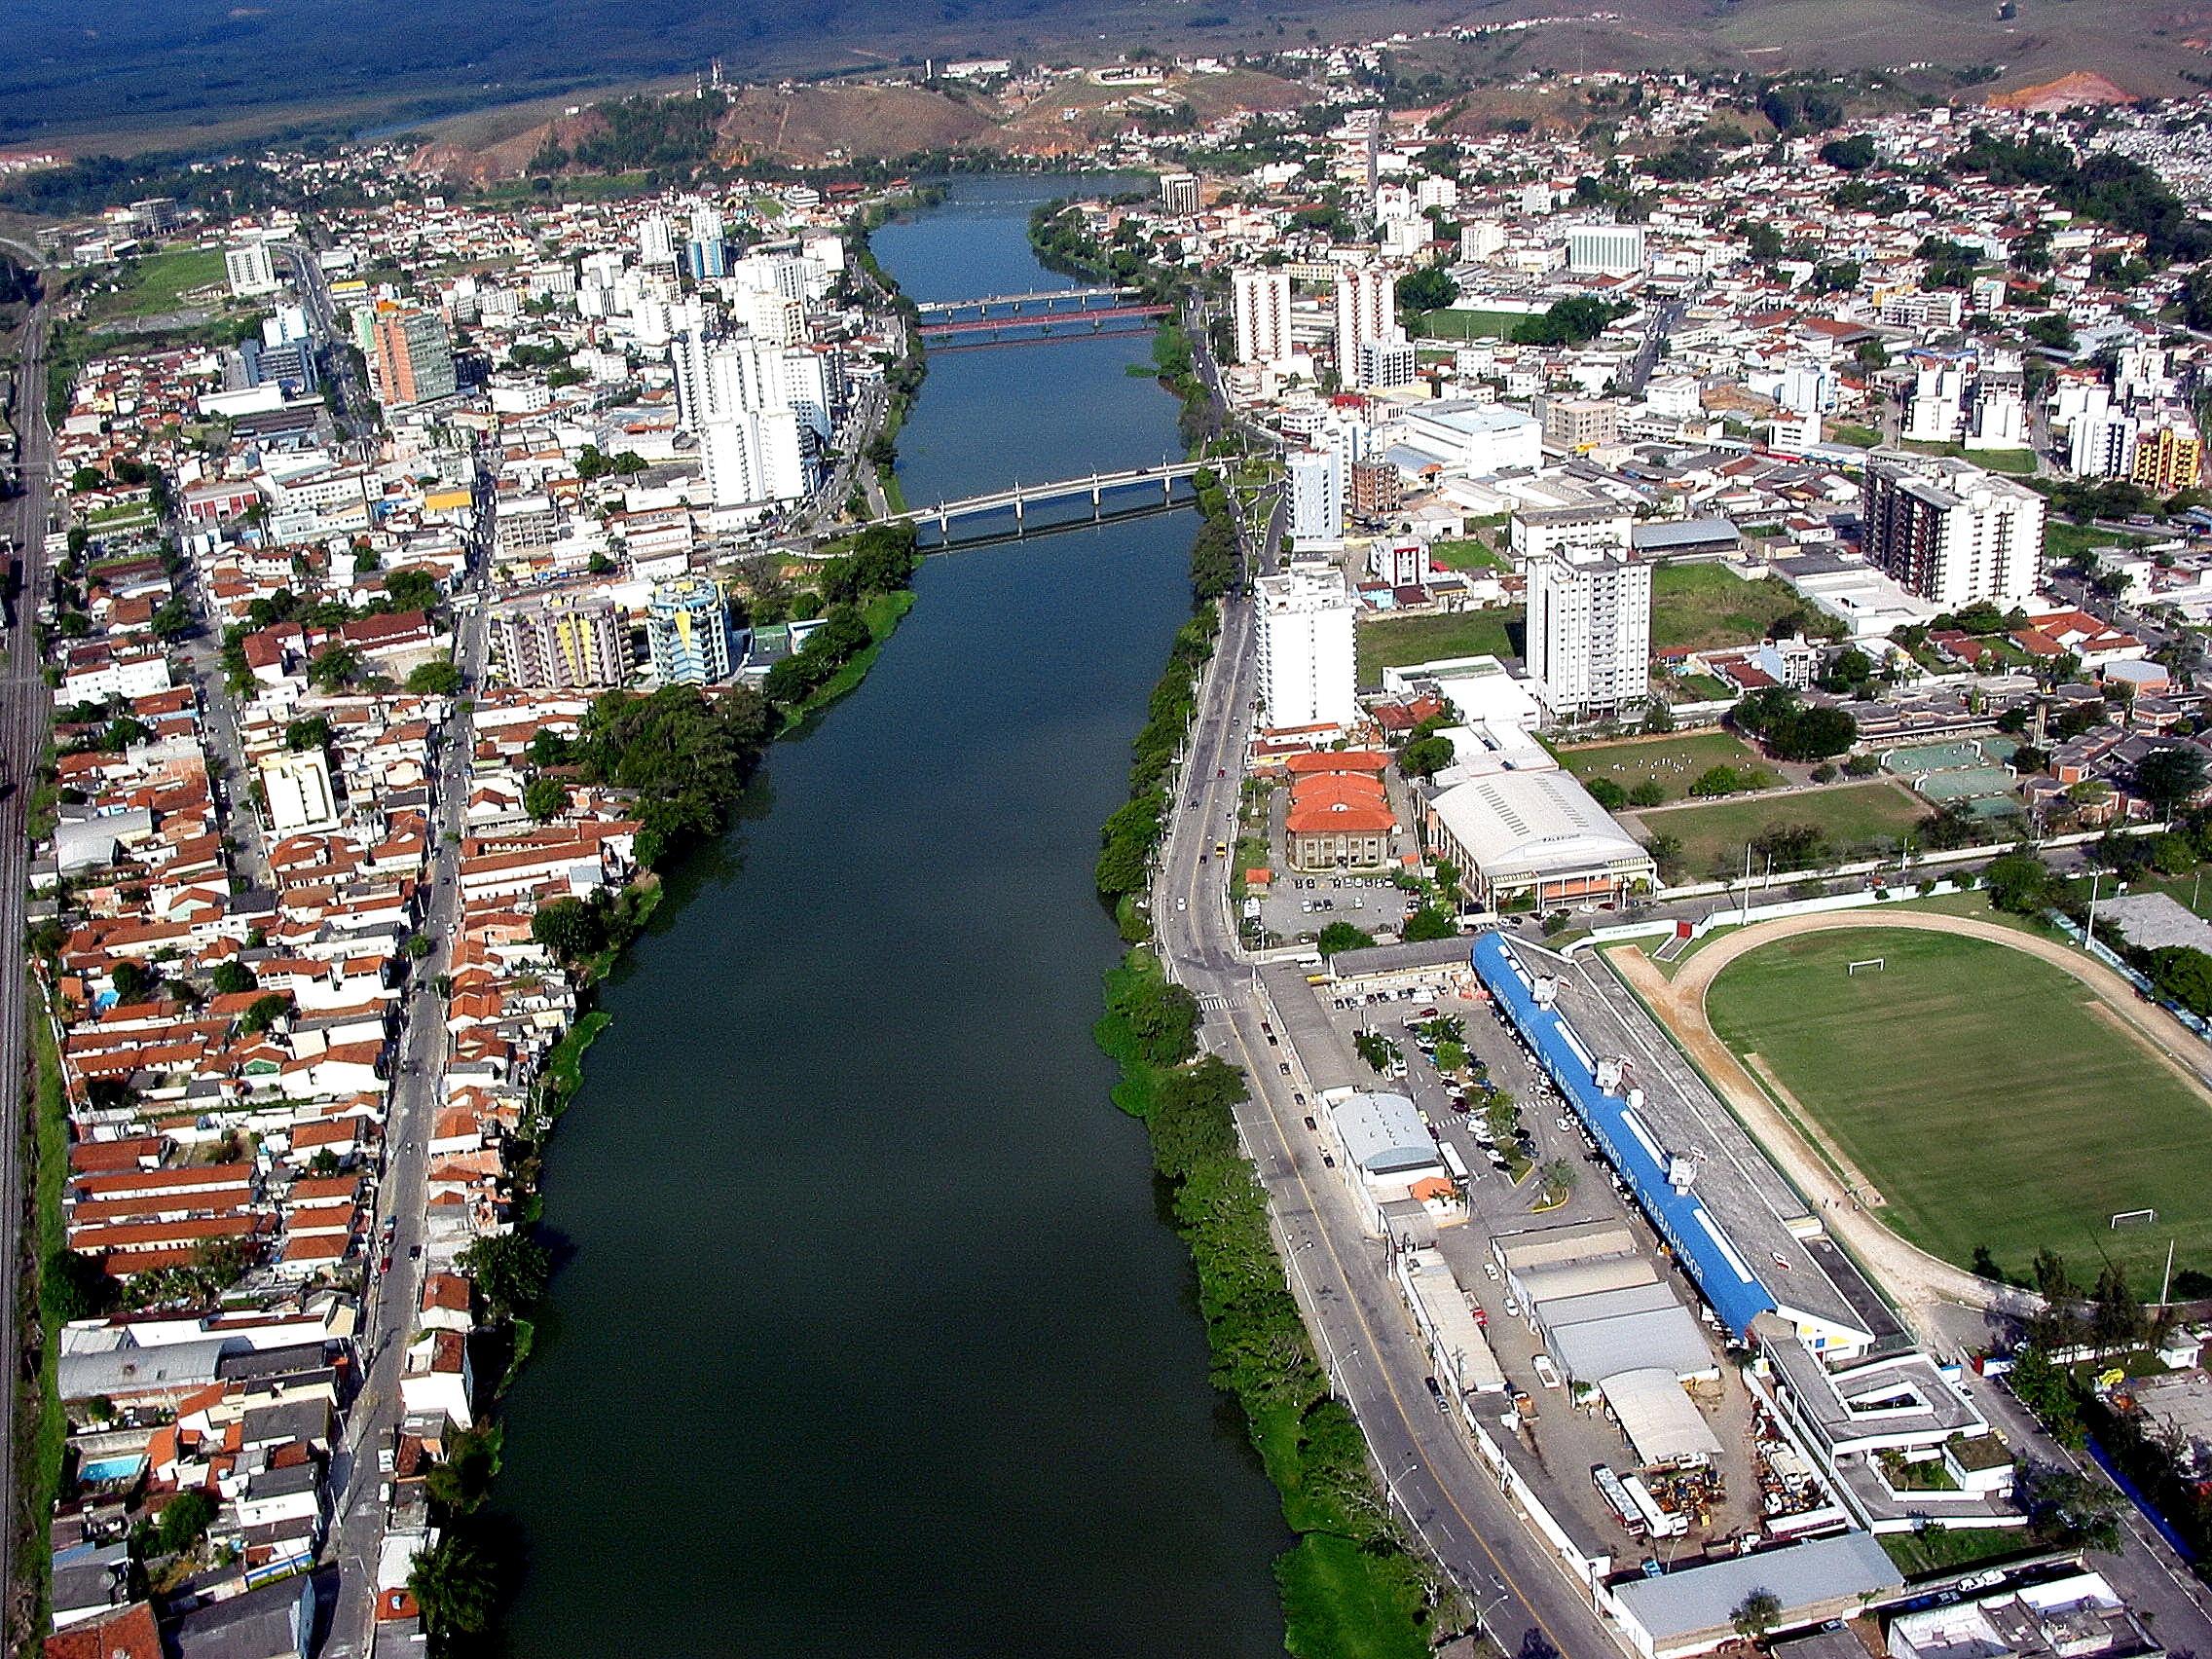 Cidade_Arerea_fotos_Marcio_Fabian_034_1